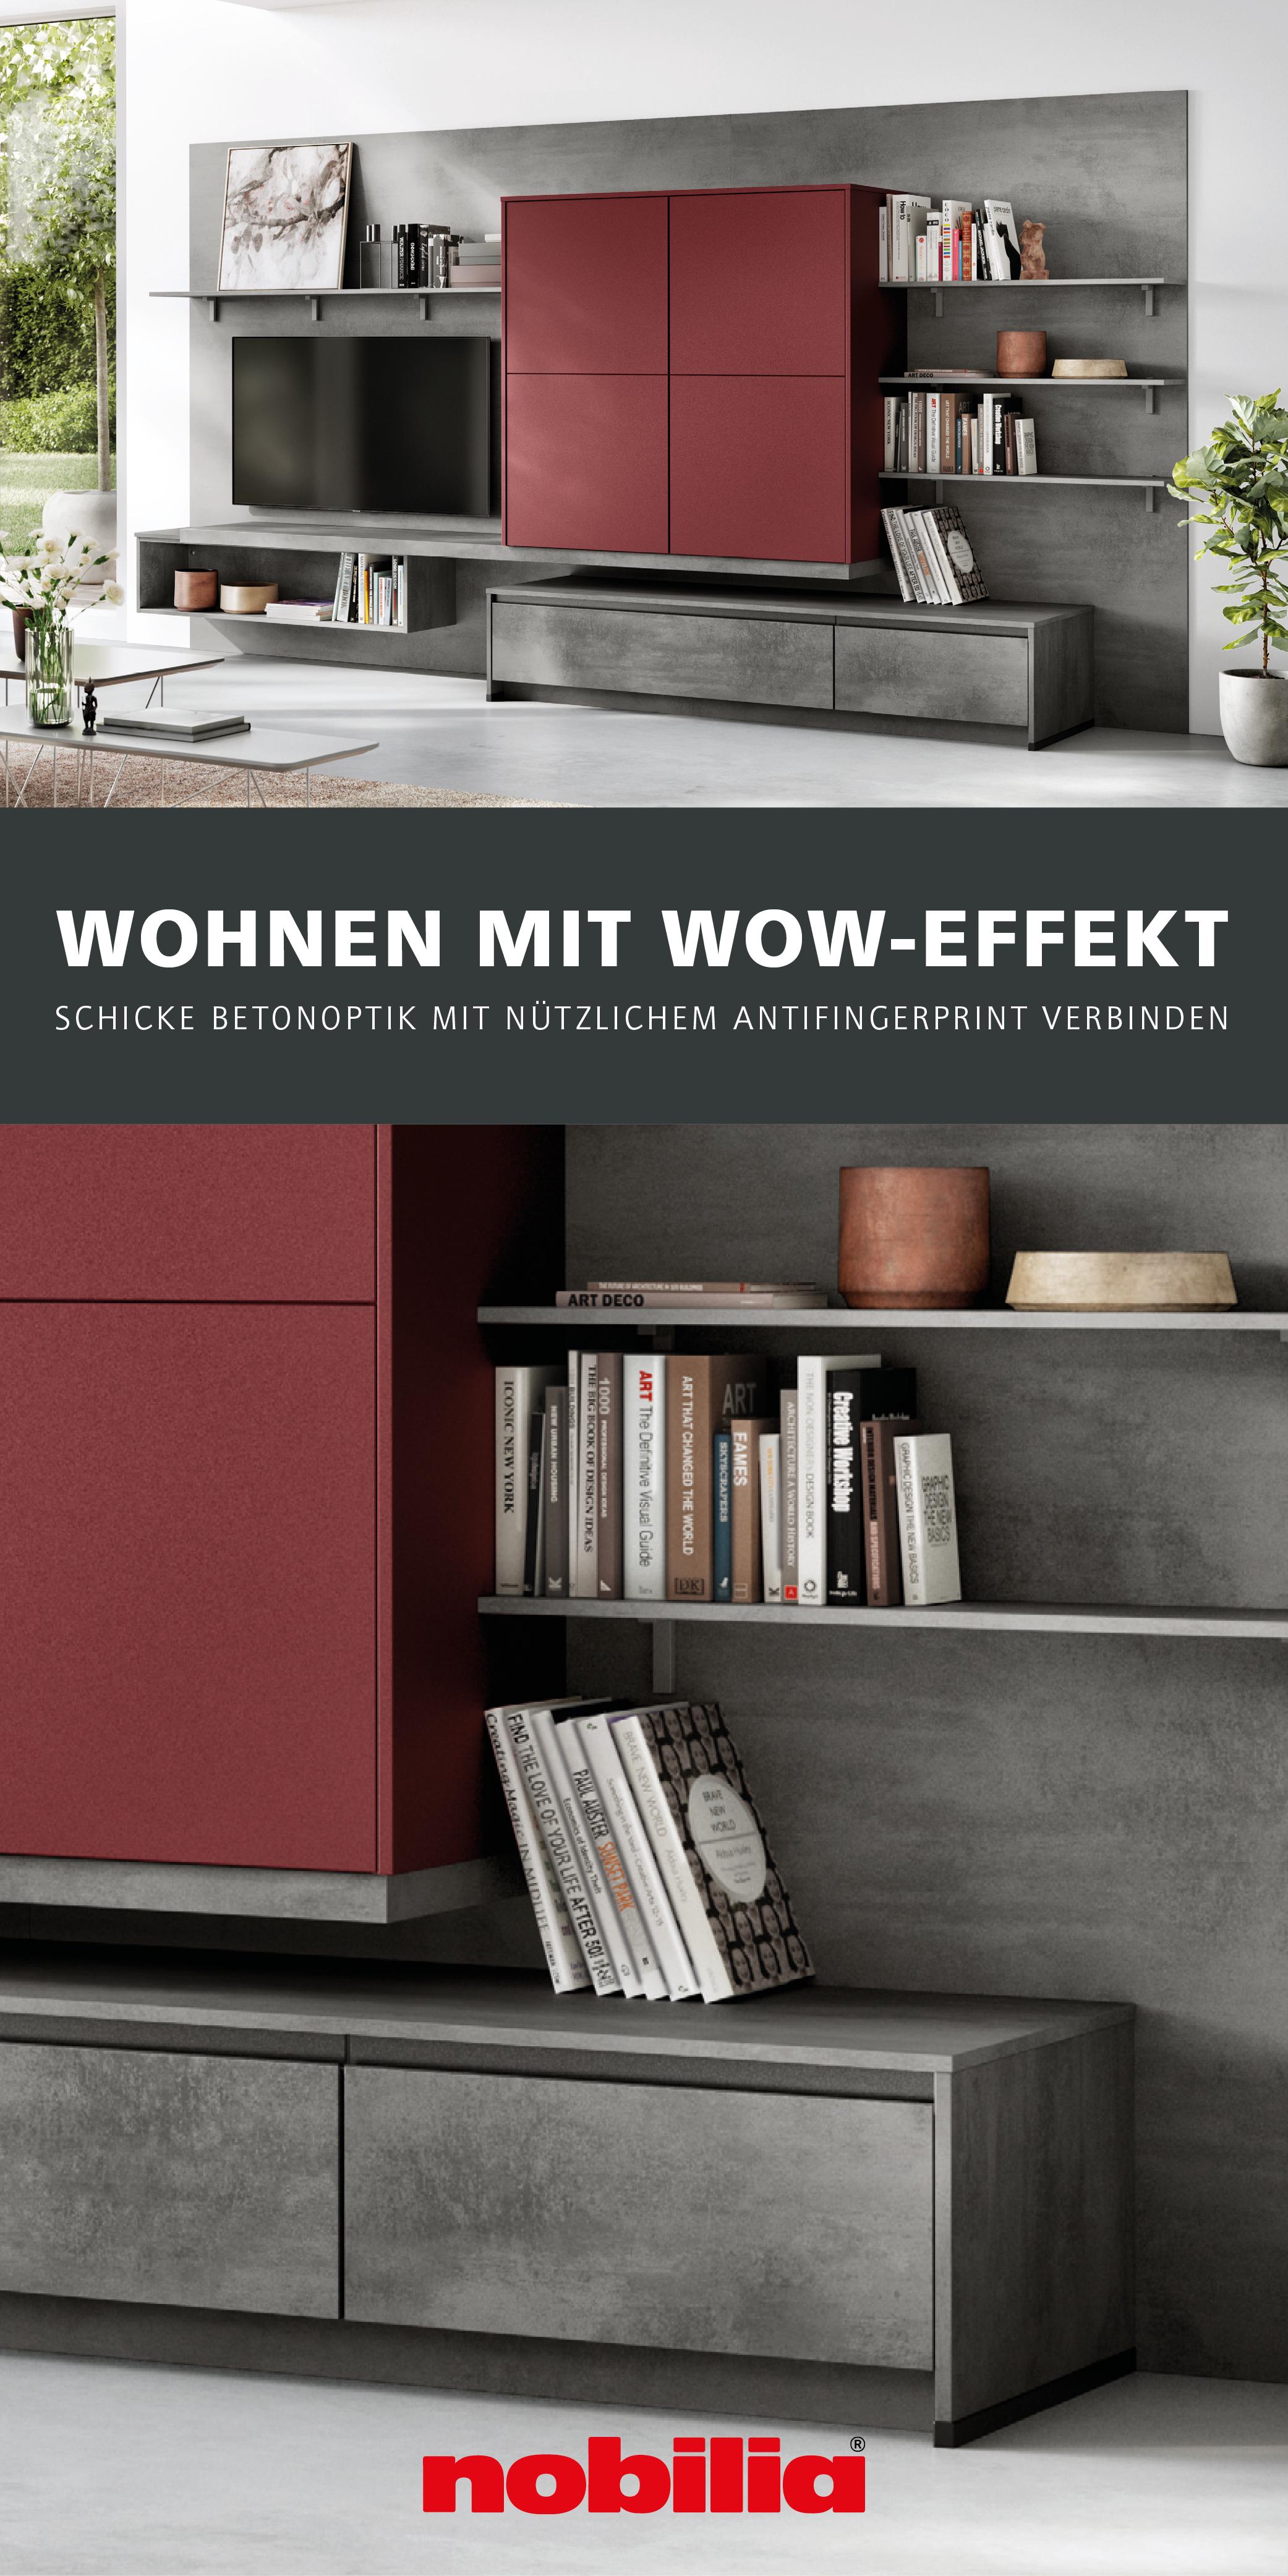 Aufregendes Wohndesign Mit Nobilia In 2020 Wohnen Nobilia Wohn Mobel